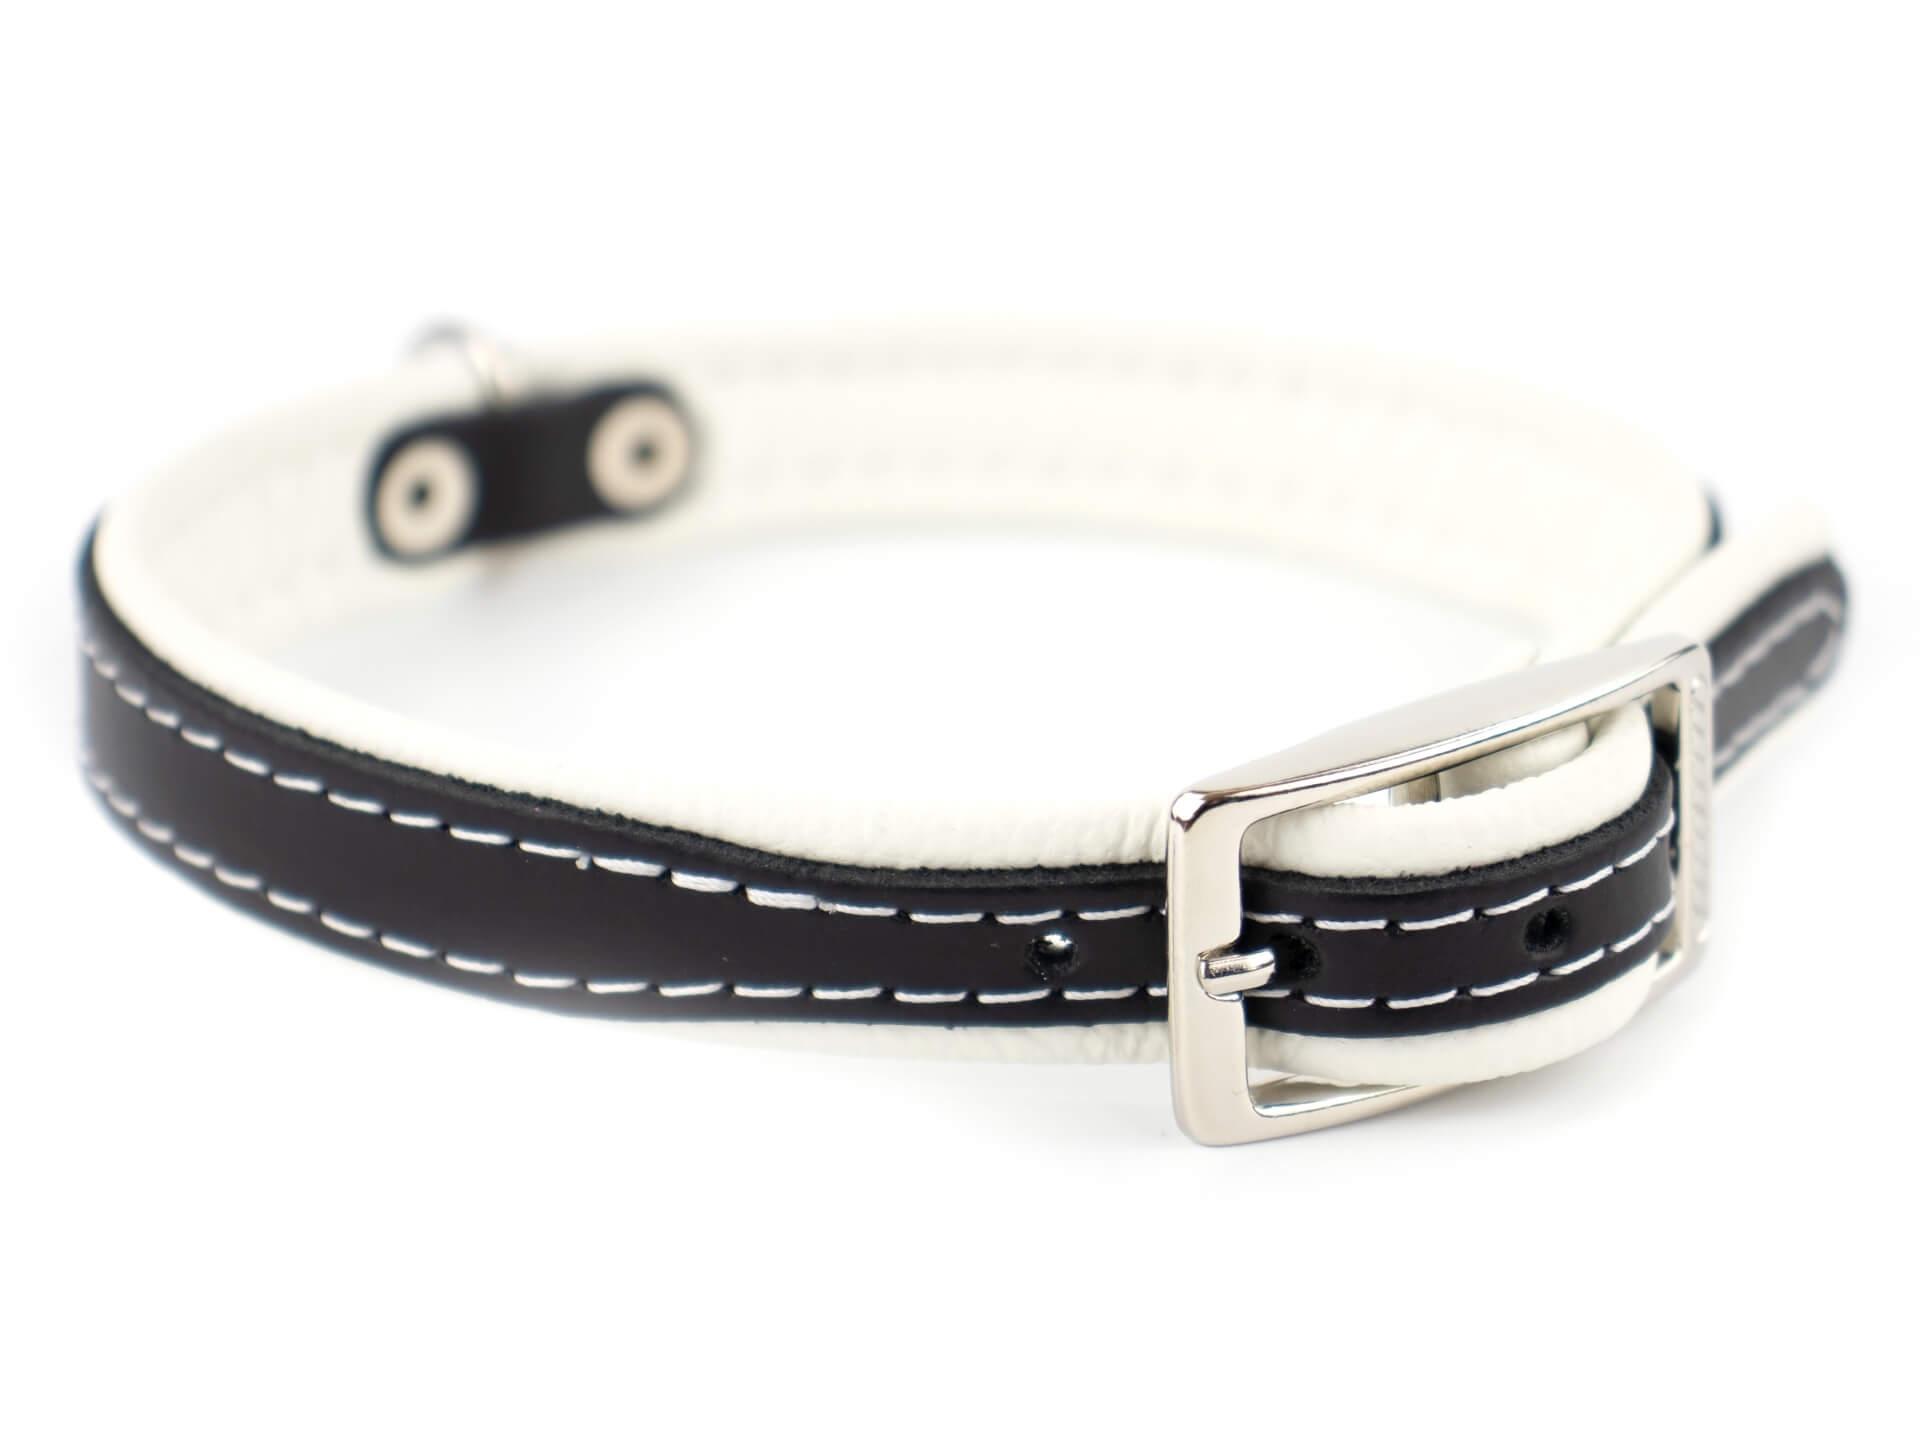 Vsepropejska Leather kožený obojek pro psa | 19 - 53 cm Barva: Bílá, Obvod krku: 22 - 27 cm